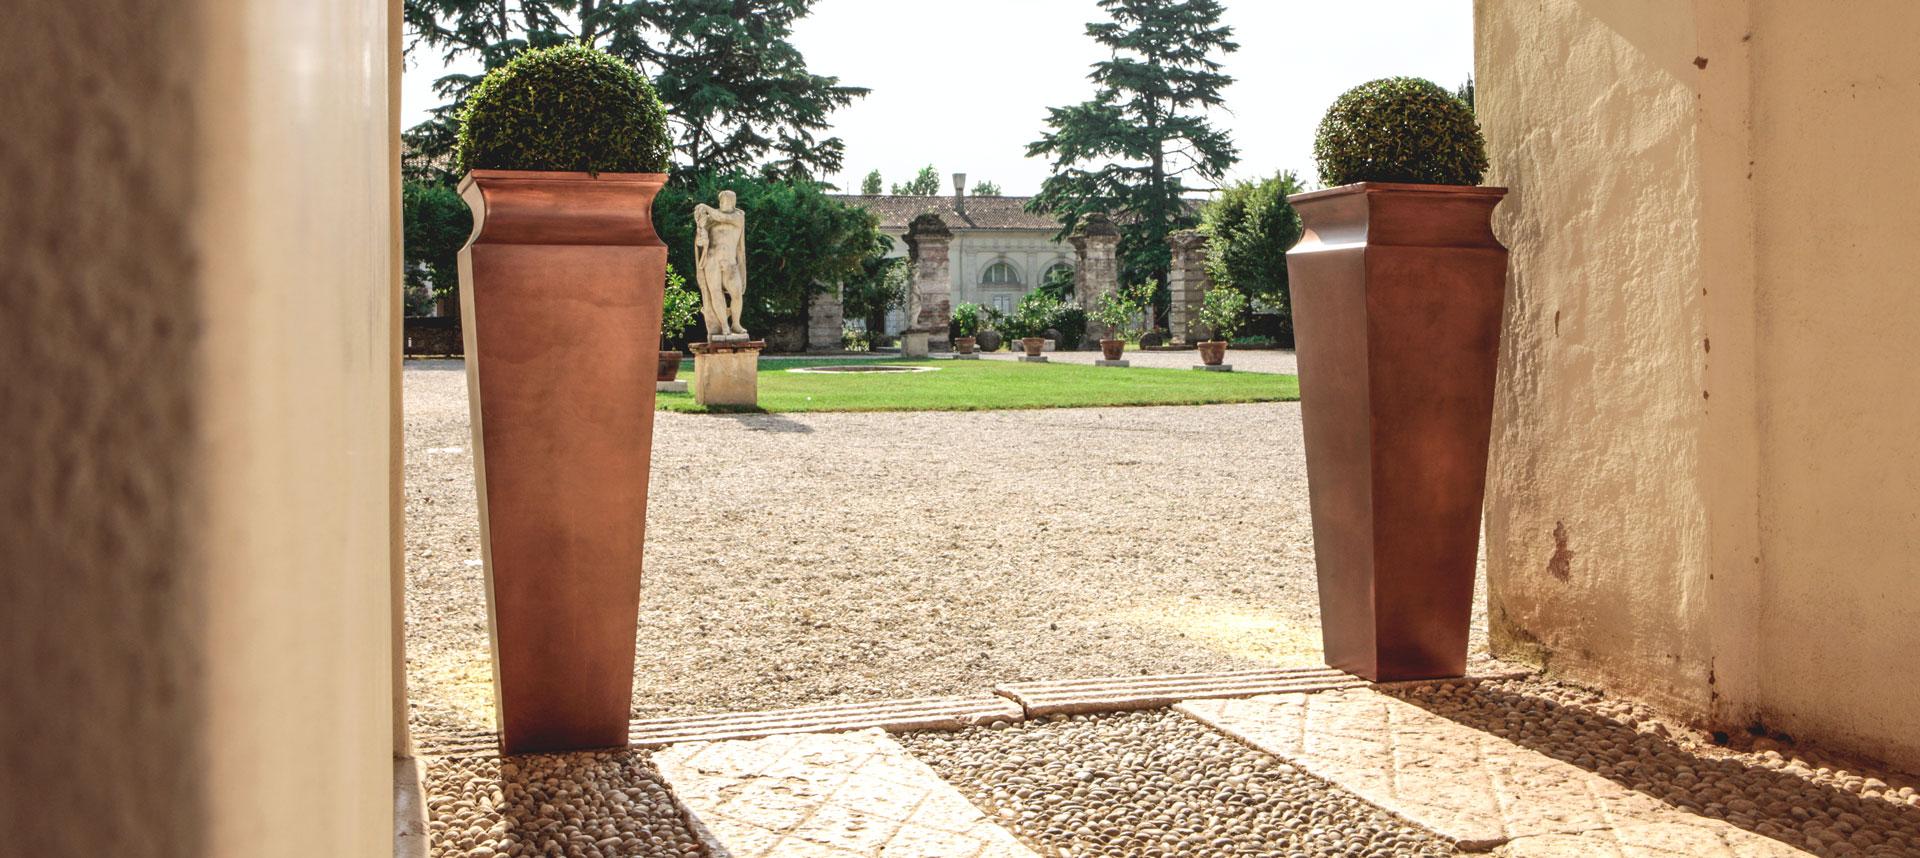 Villa con vasi decorativi